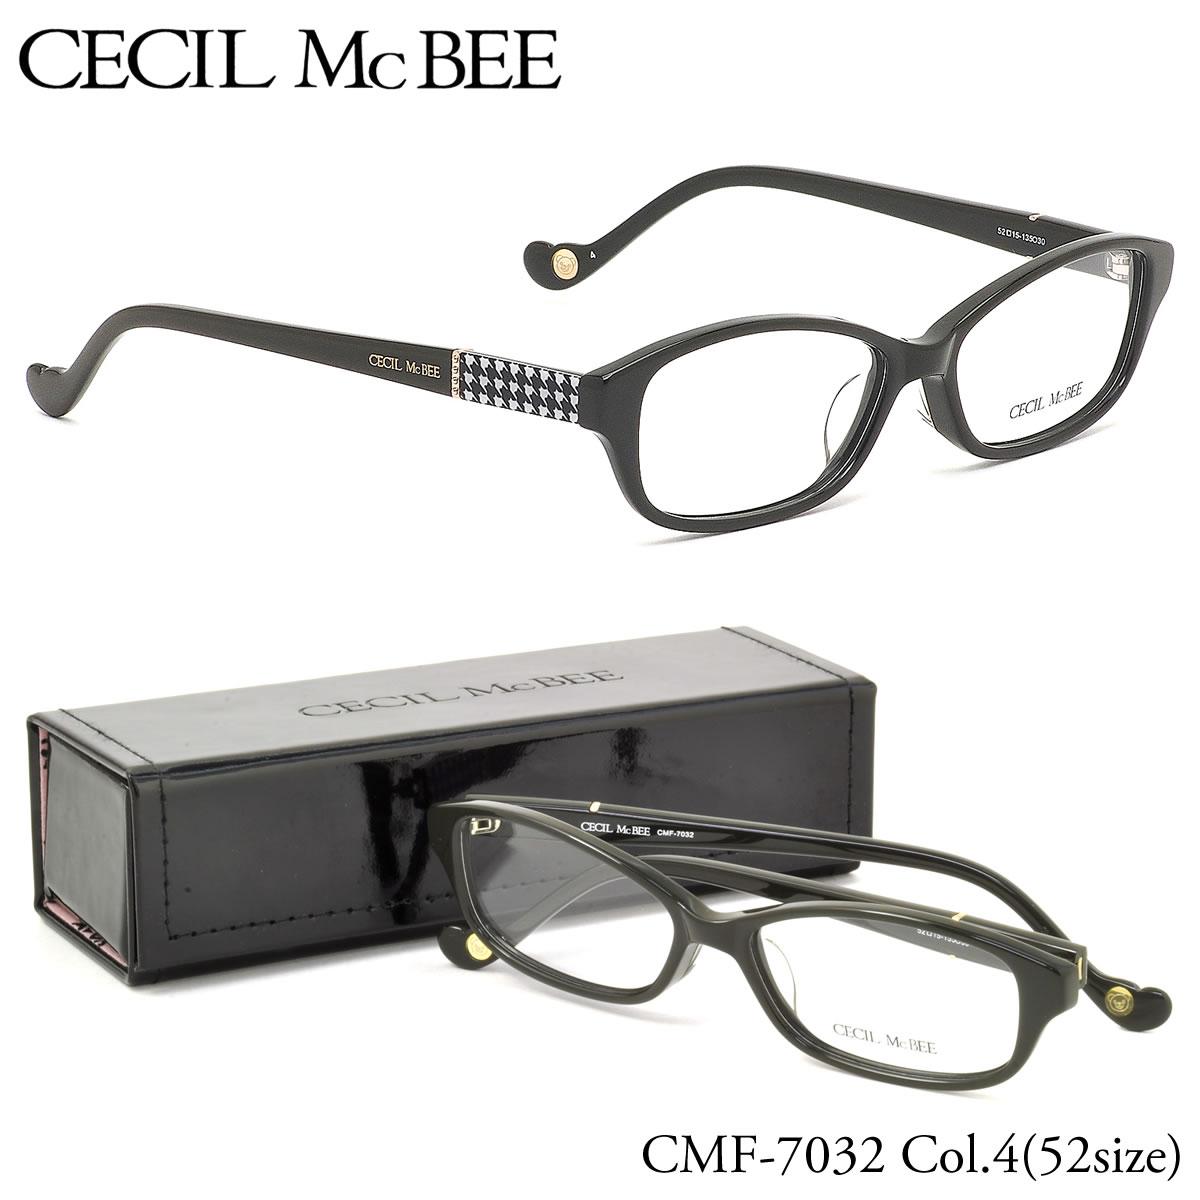 ポイント最大42倍!!お得なクーポンも !! 【セシルマクビー】 (CECIL McBEE) メガネCMF7032 4 52サイズスクエア 伊達メガネ 度付き 度数付きCECILMcBEE レディース